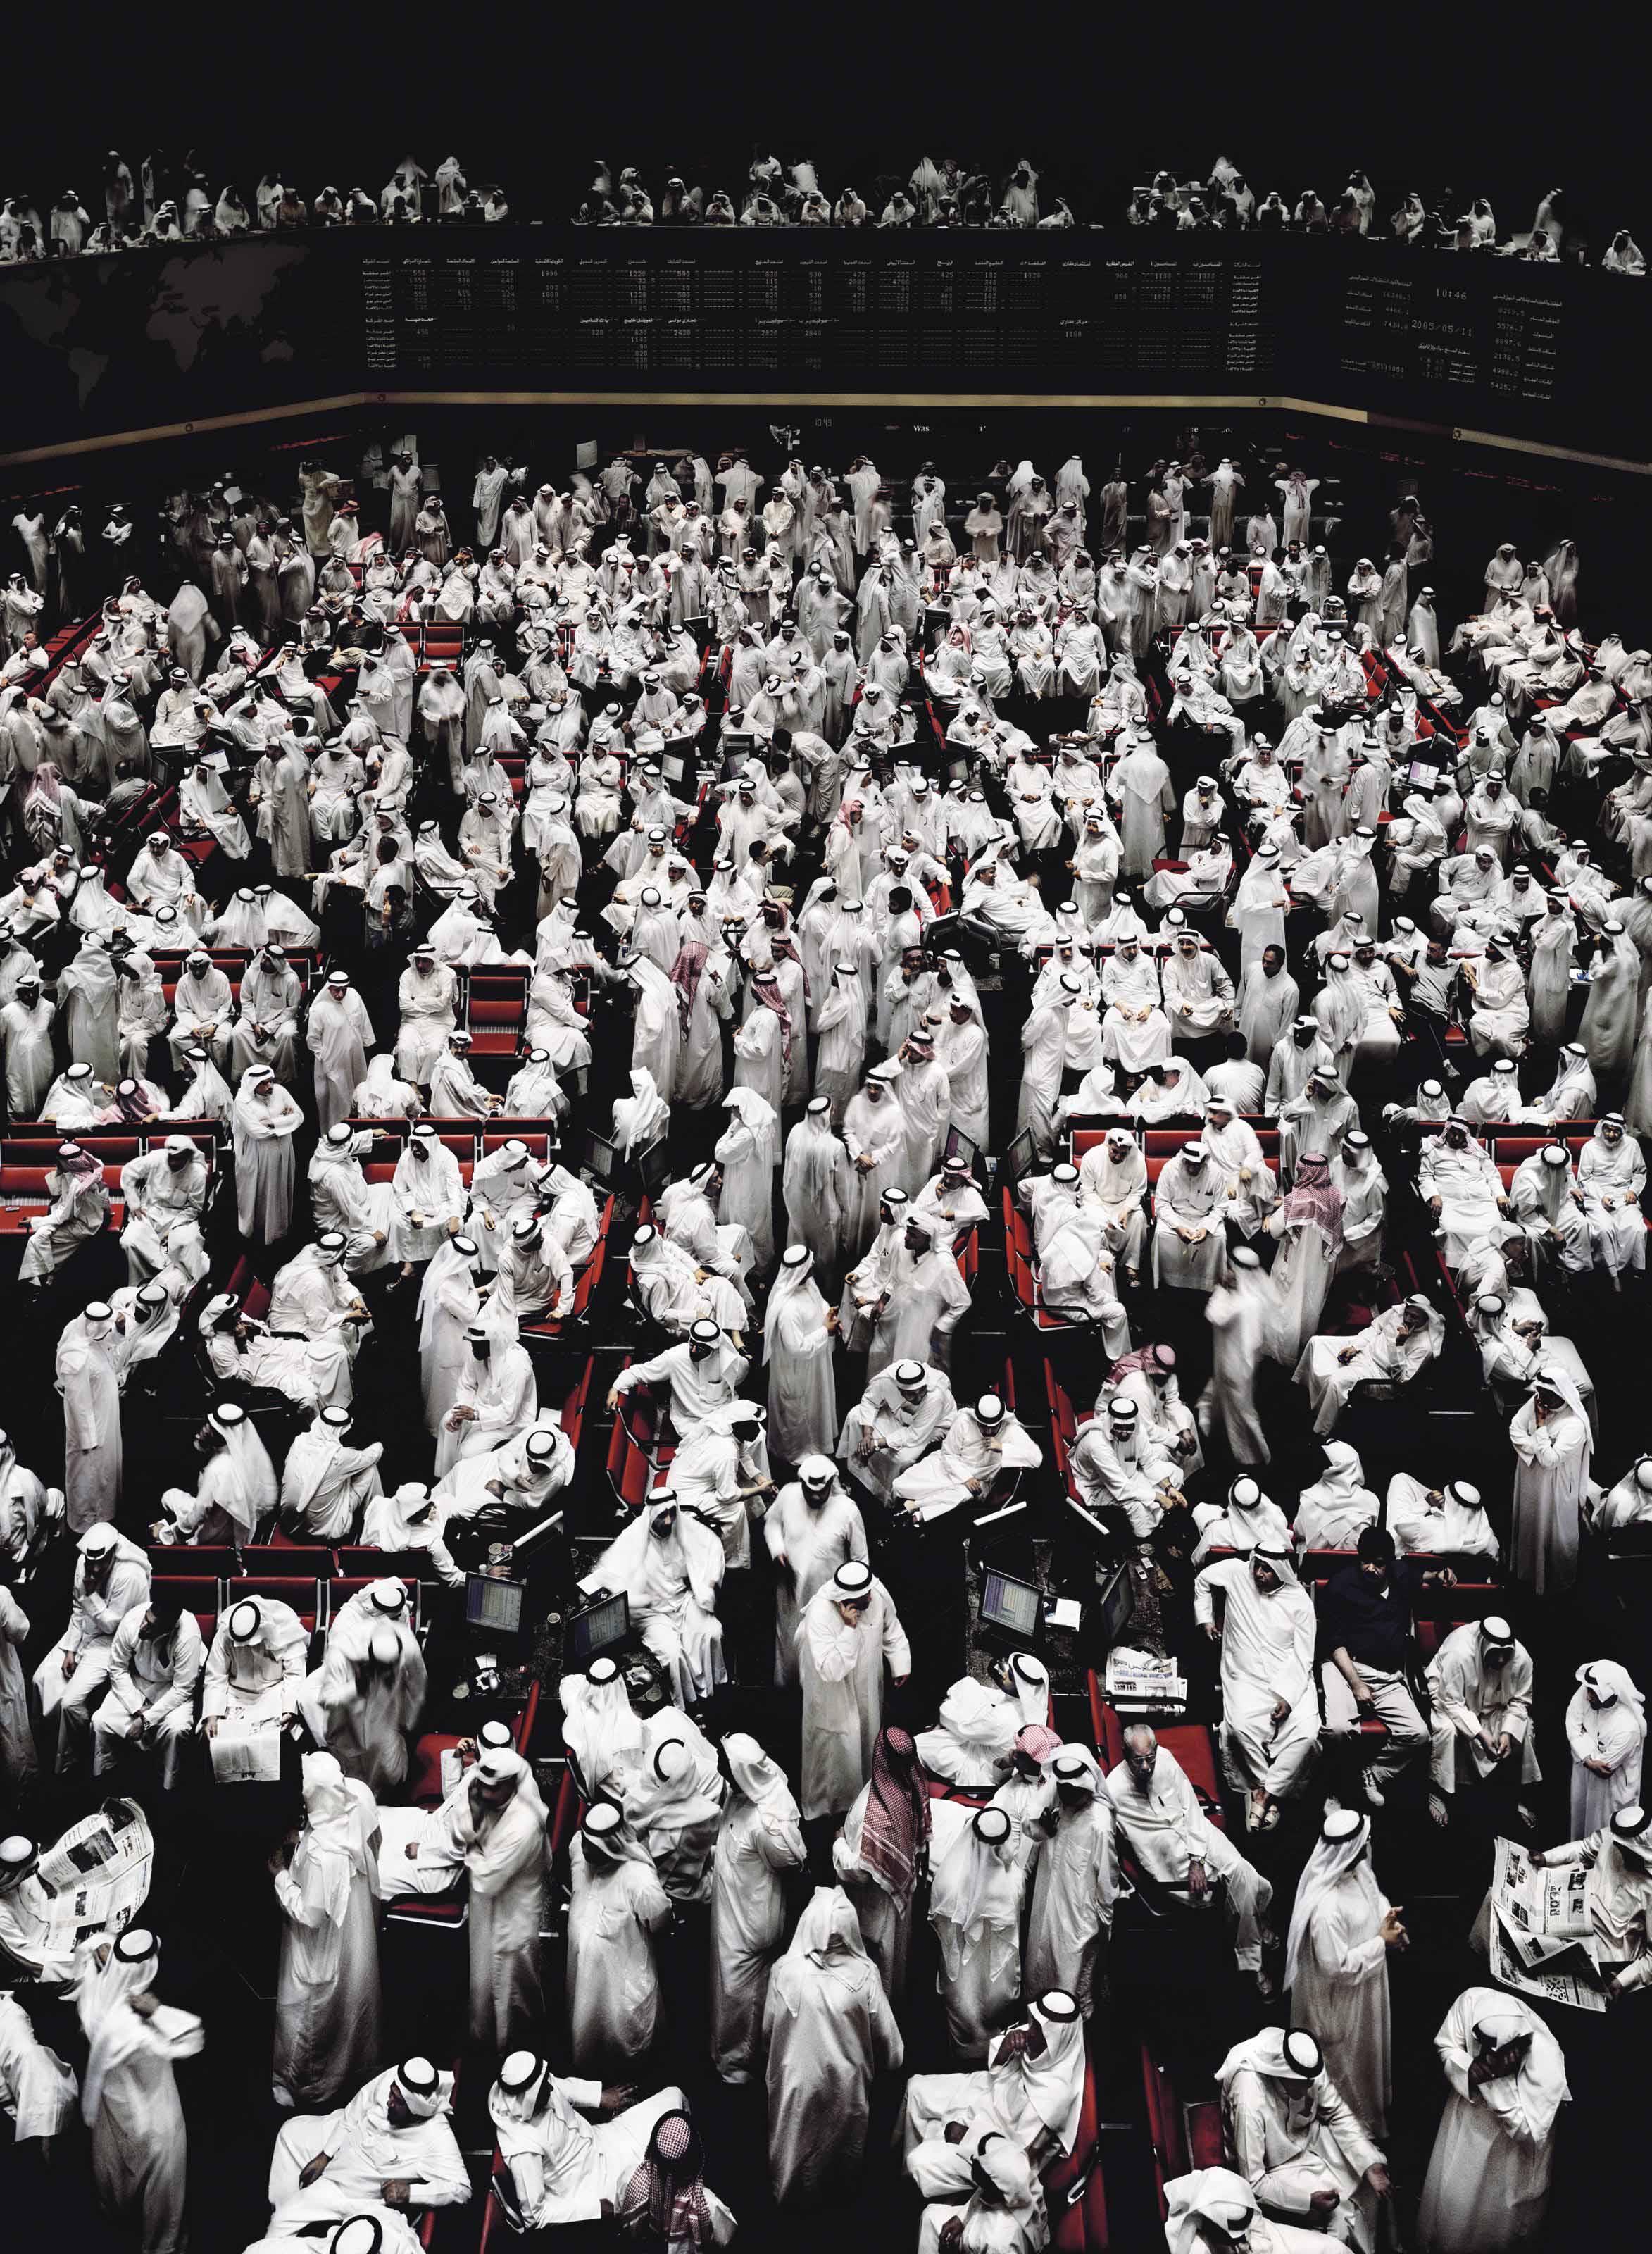 Kuwait Stock Exchange I